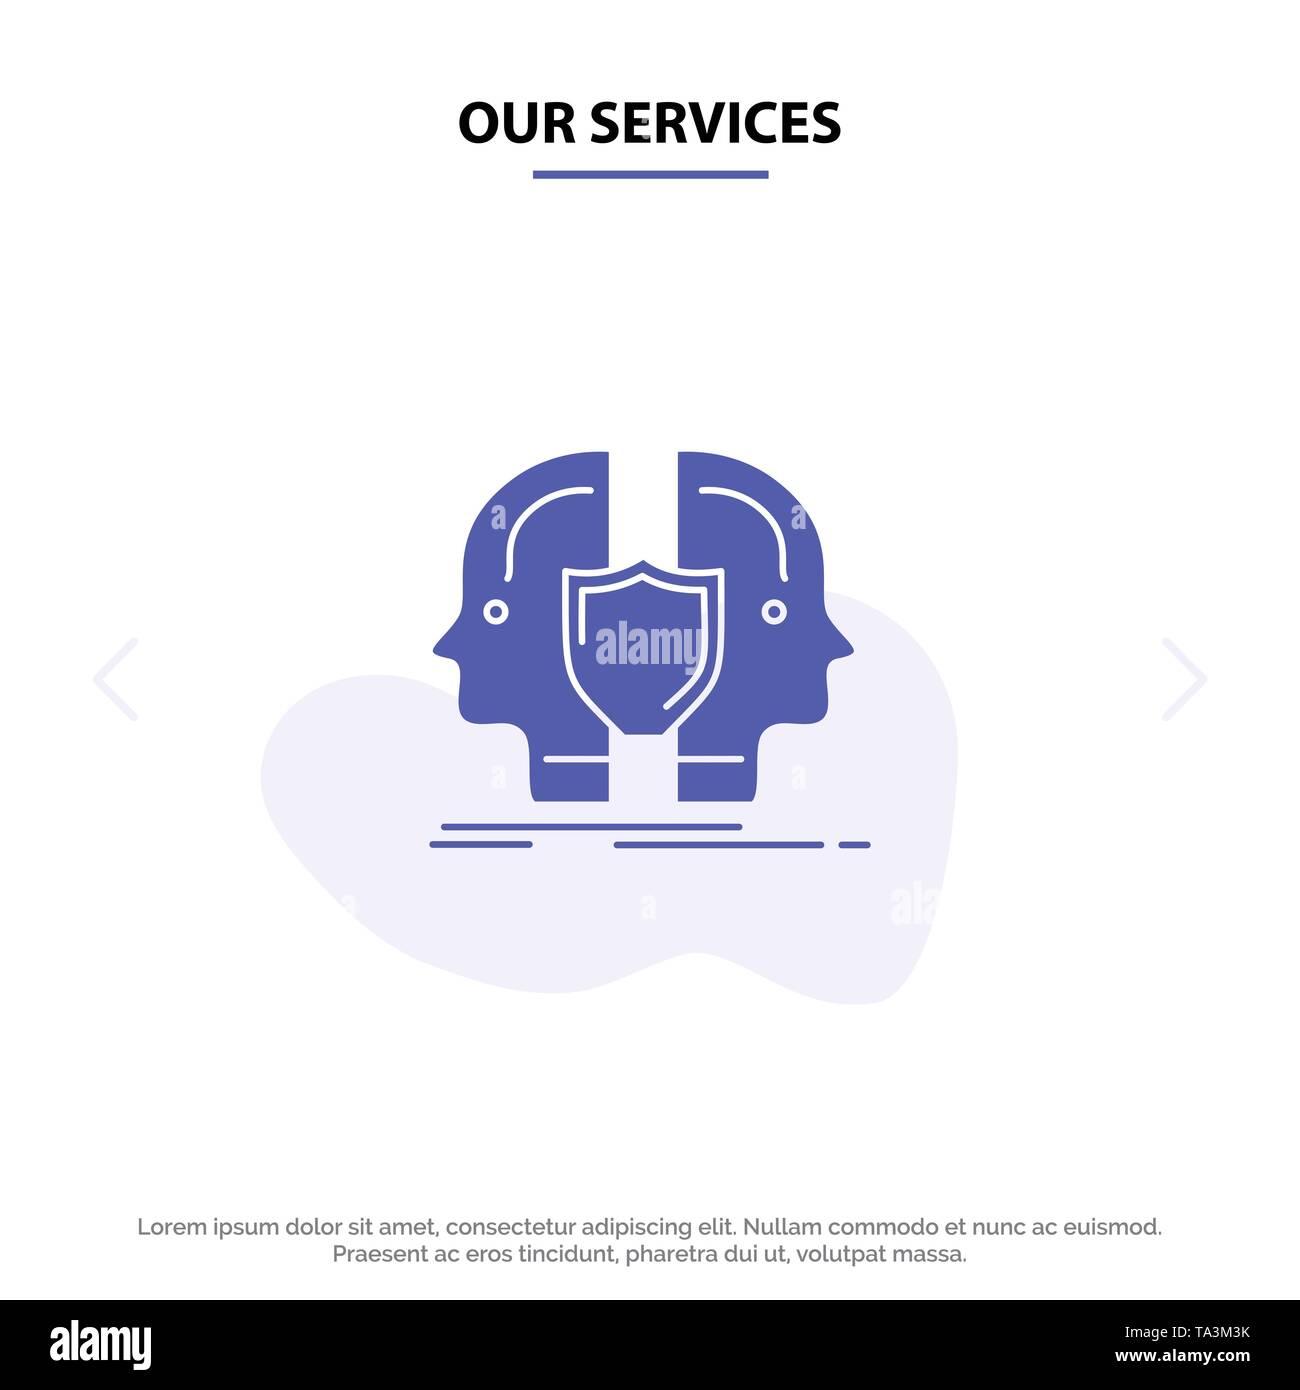 Unsere Dienstleistungen Mann, Gesicht, Dual, Identität, Shield Solid Glyph Icon Web Karte Vorlage Stockbild